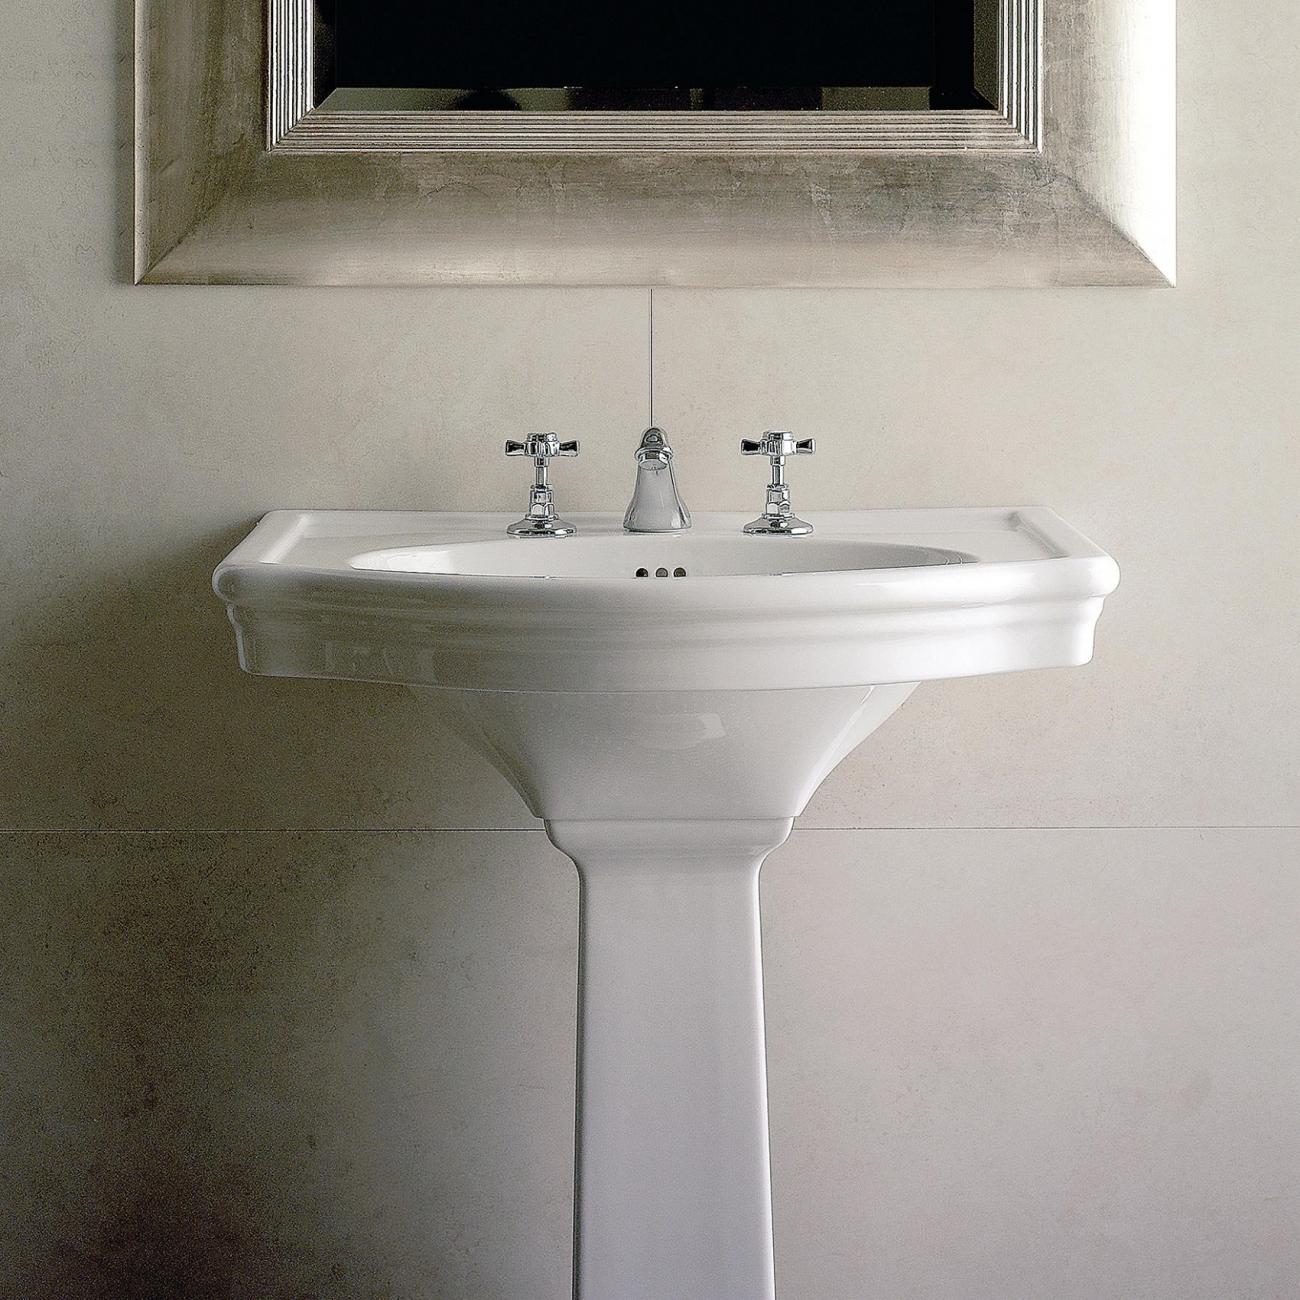 Lavabo A Colonna Design devon & devon new etoile lavabo con colonna - tattahome